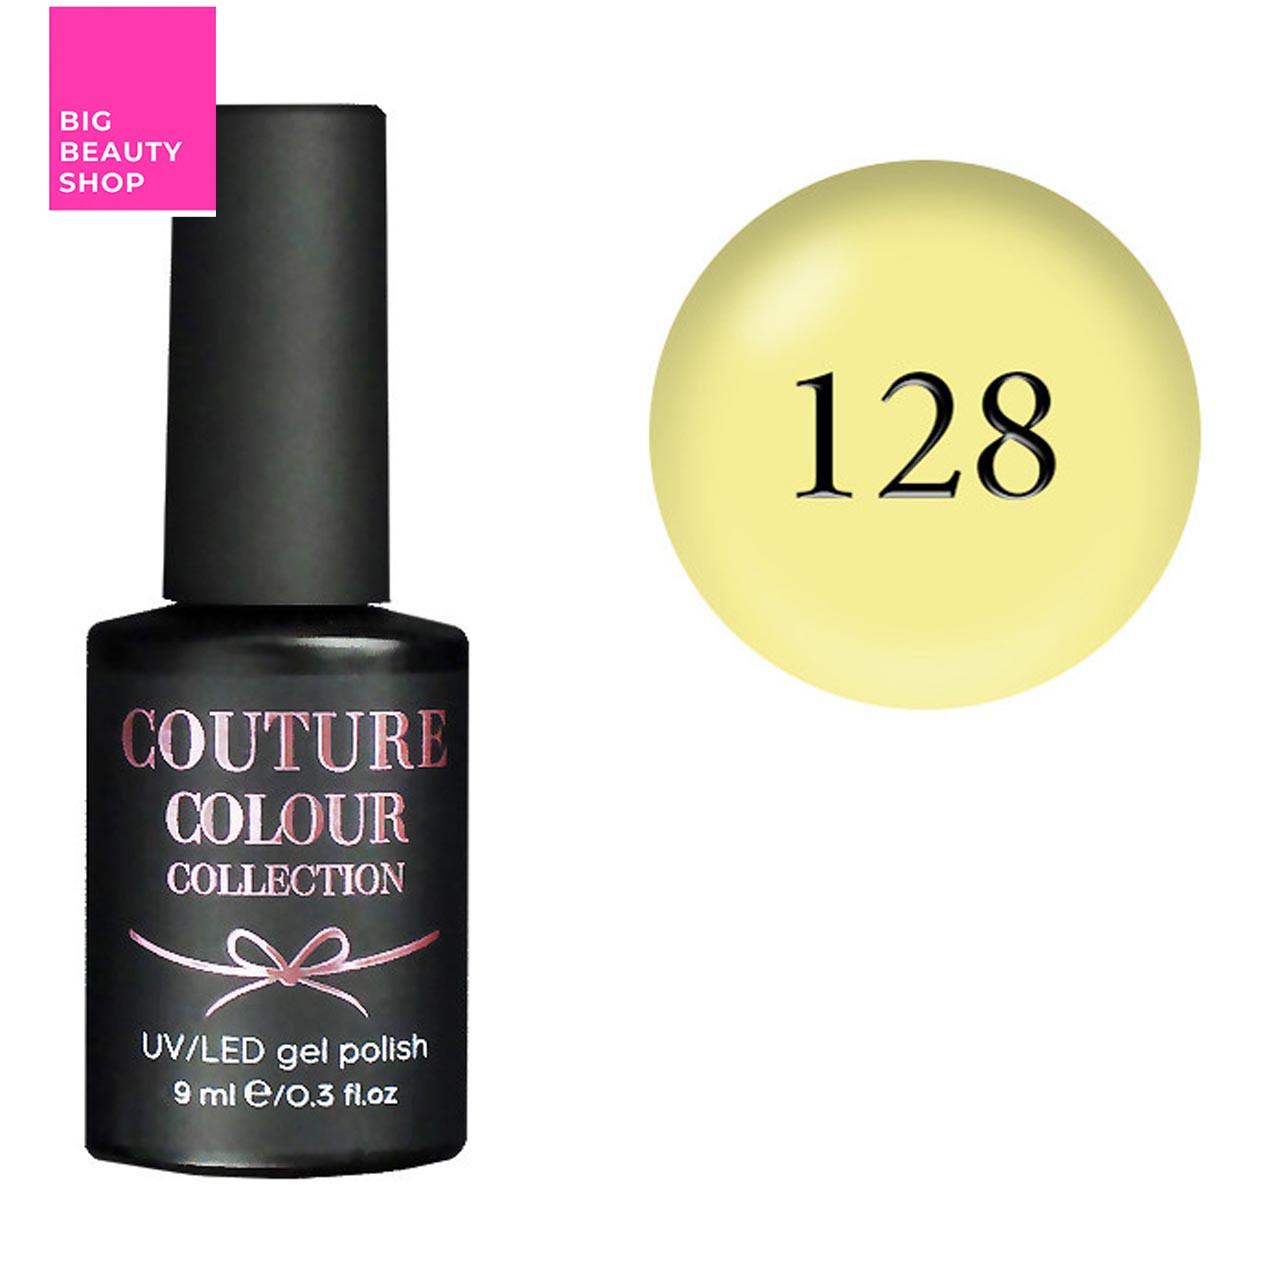 Гель-лак для ногтей Couture Colour №128 Плотный лимонный (эмаль) 9 мл